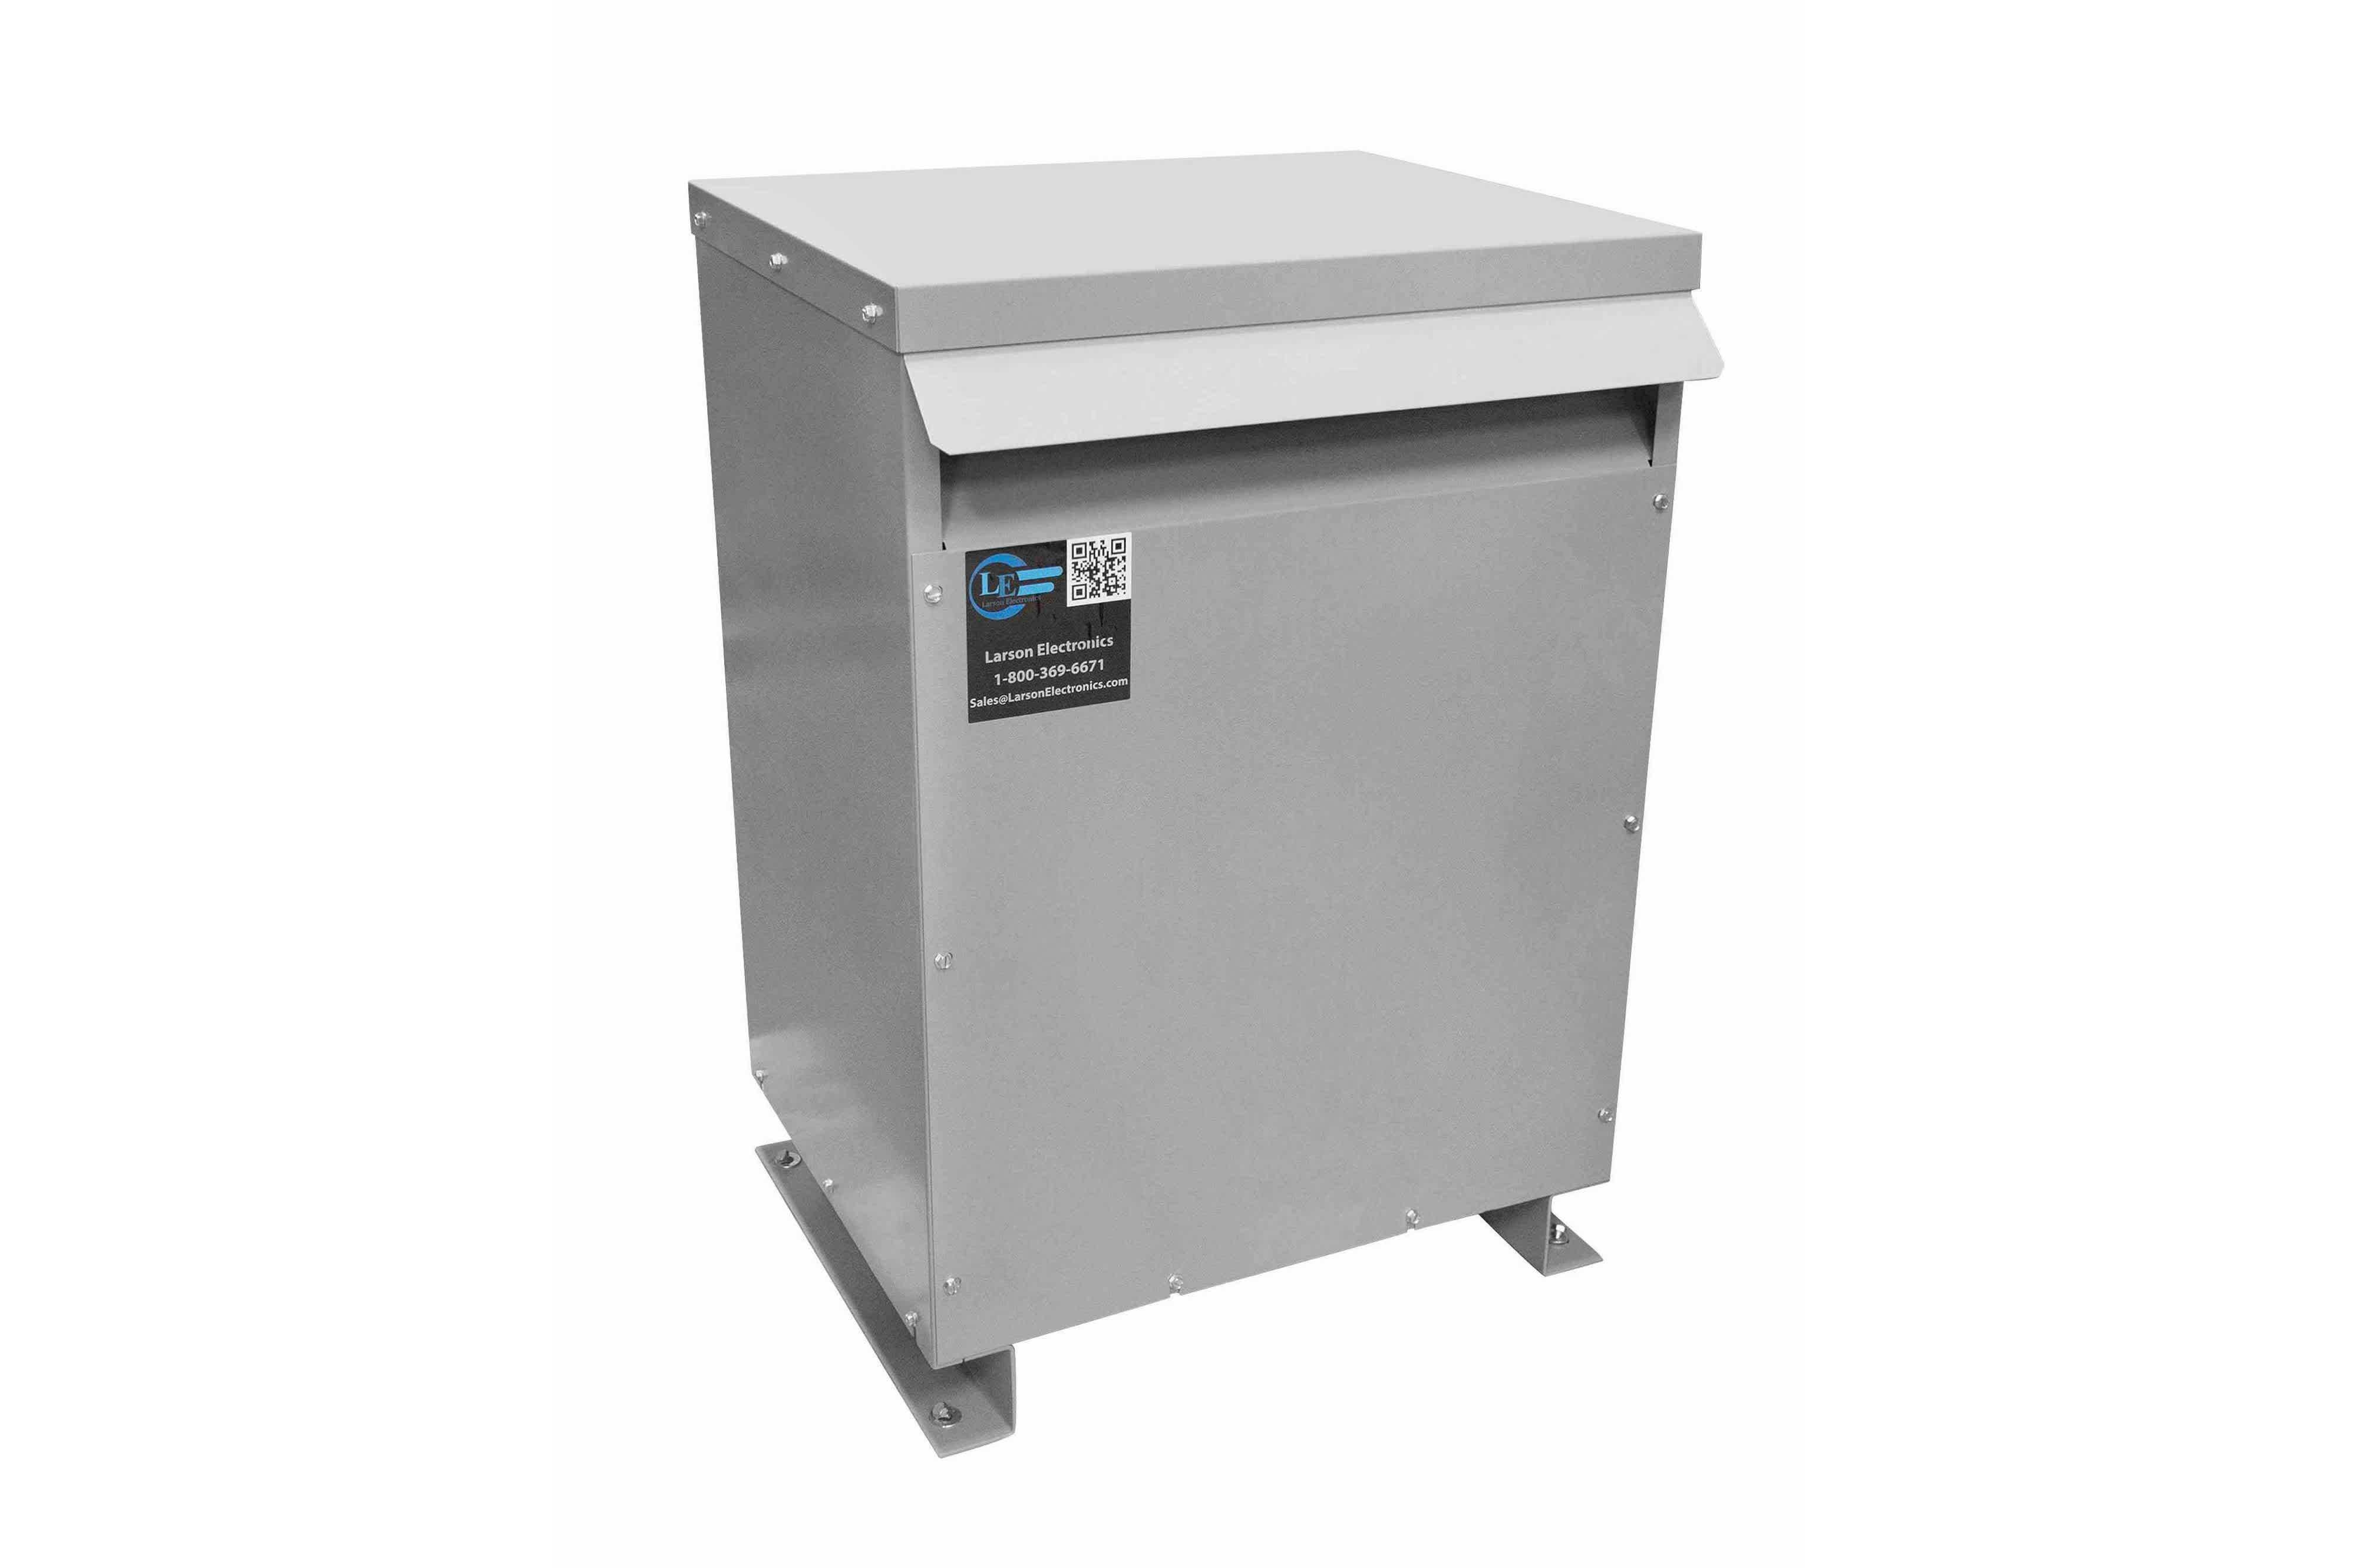 750 kVA 3PH Isolation Transformer, 220V Delta Primary, 480V Delta Secondary, N3R, Ventilated, 60 Hz